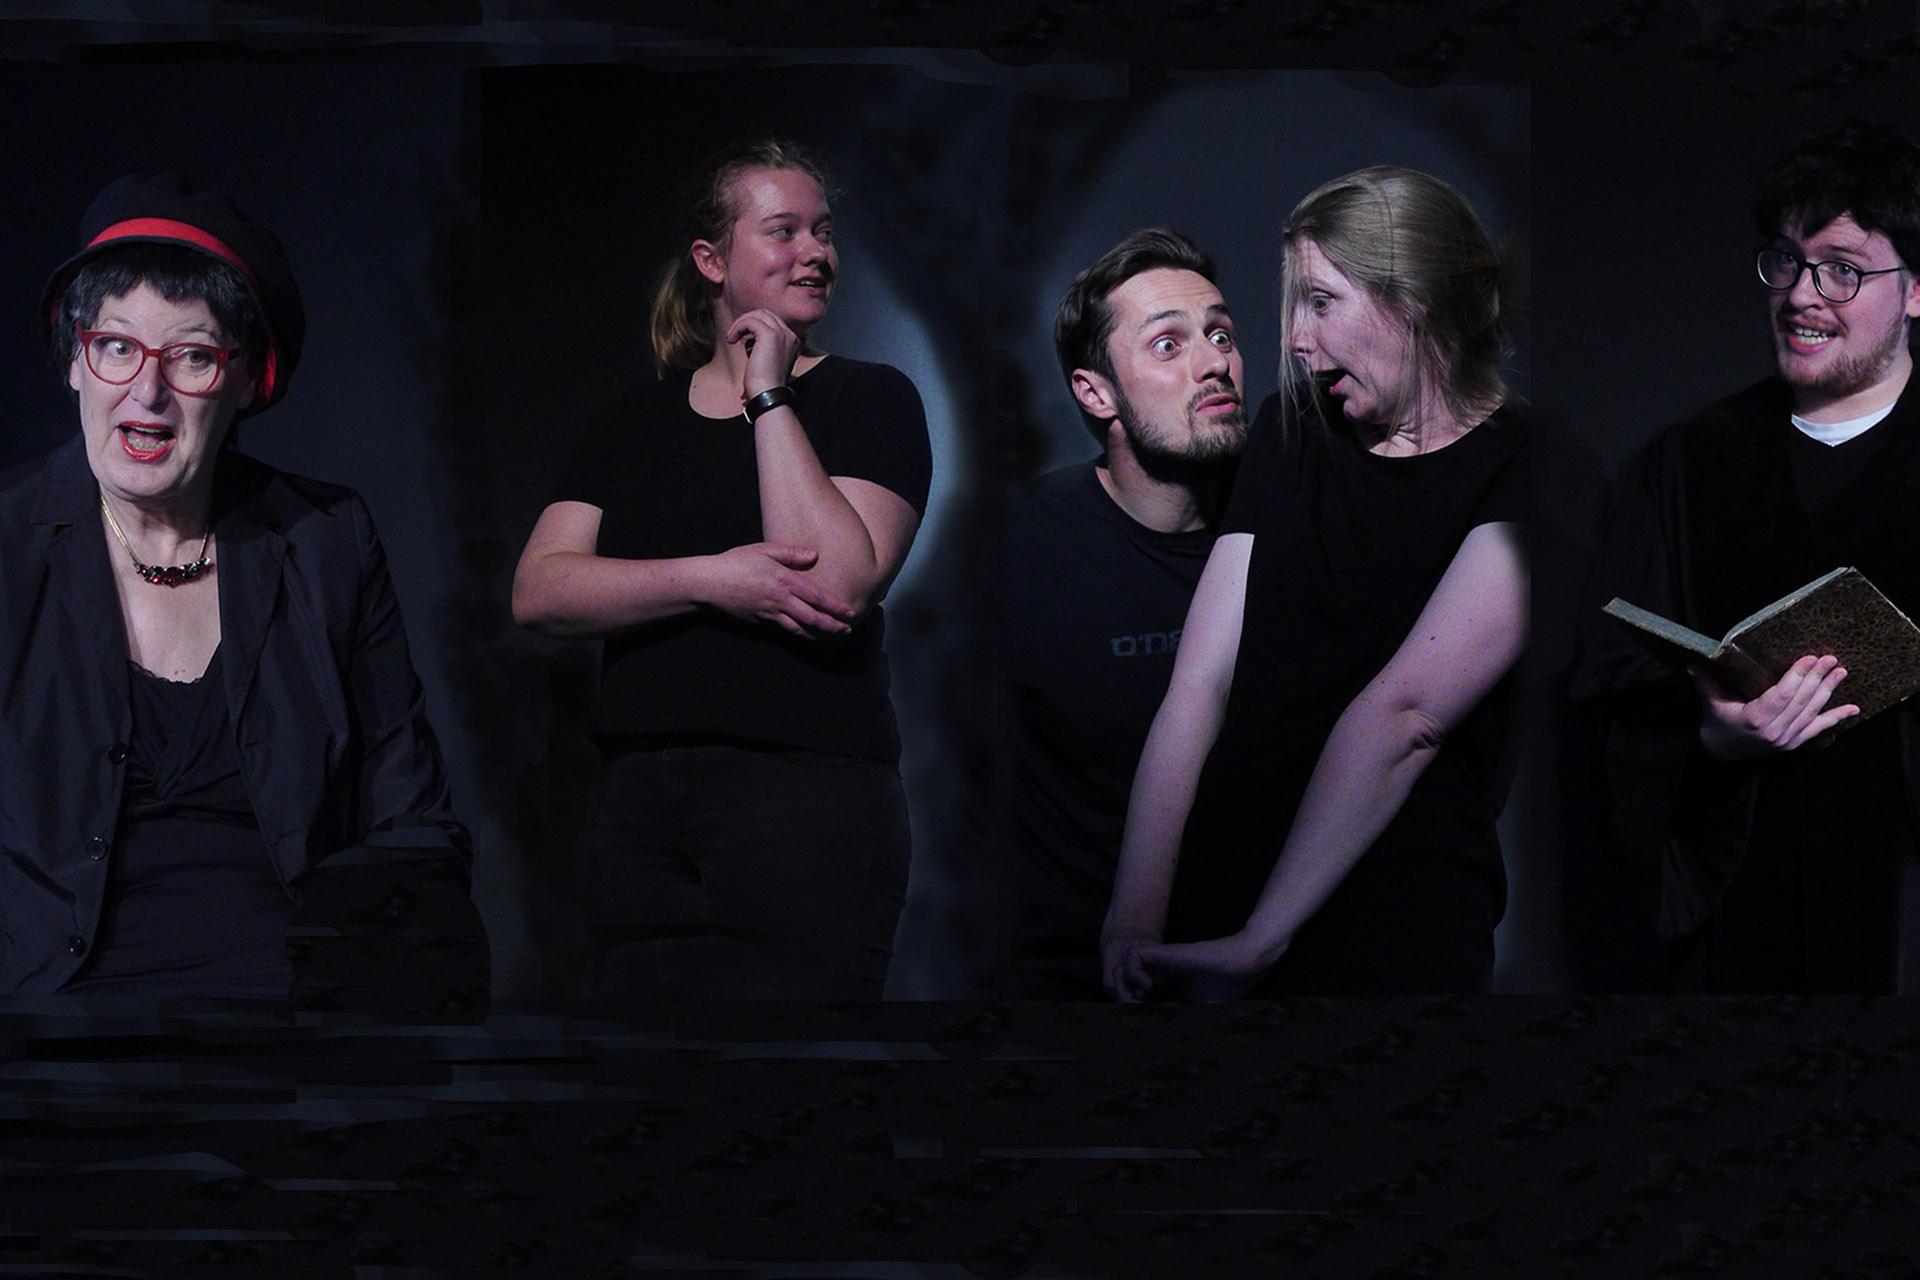 Männer und Frauen auf der schwarzen Bühne zeigen starke Mimik.